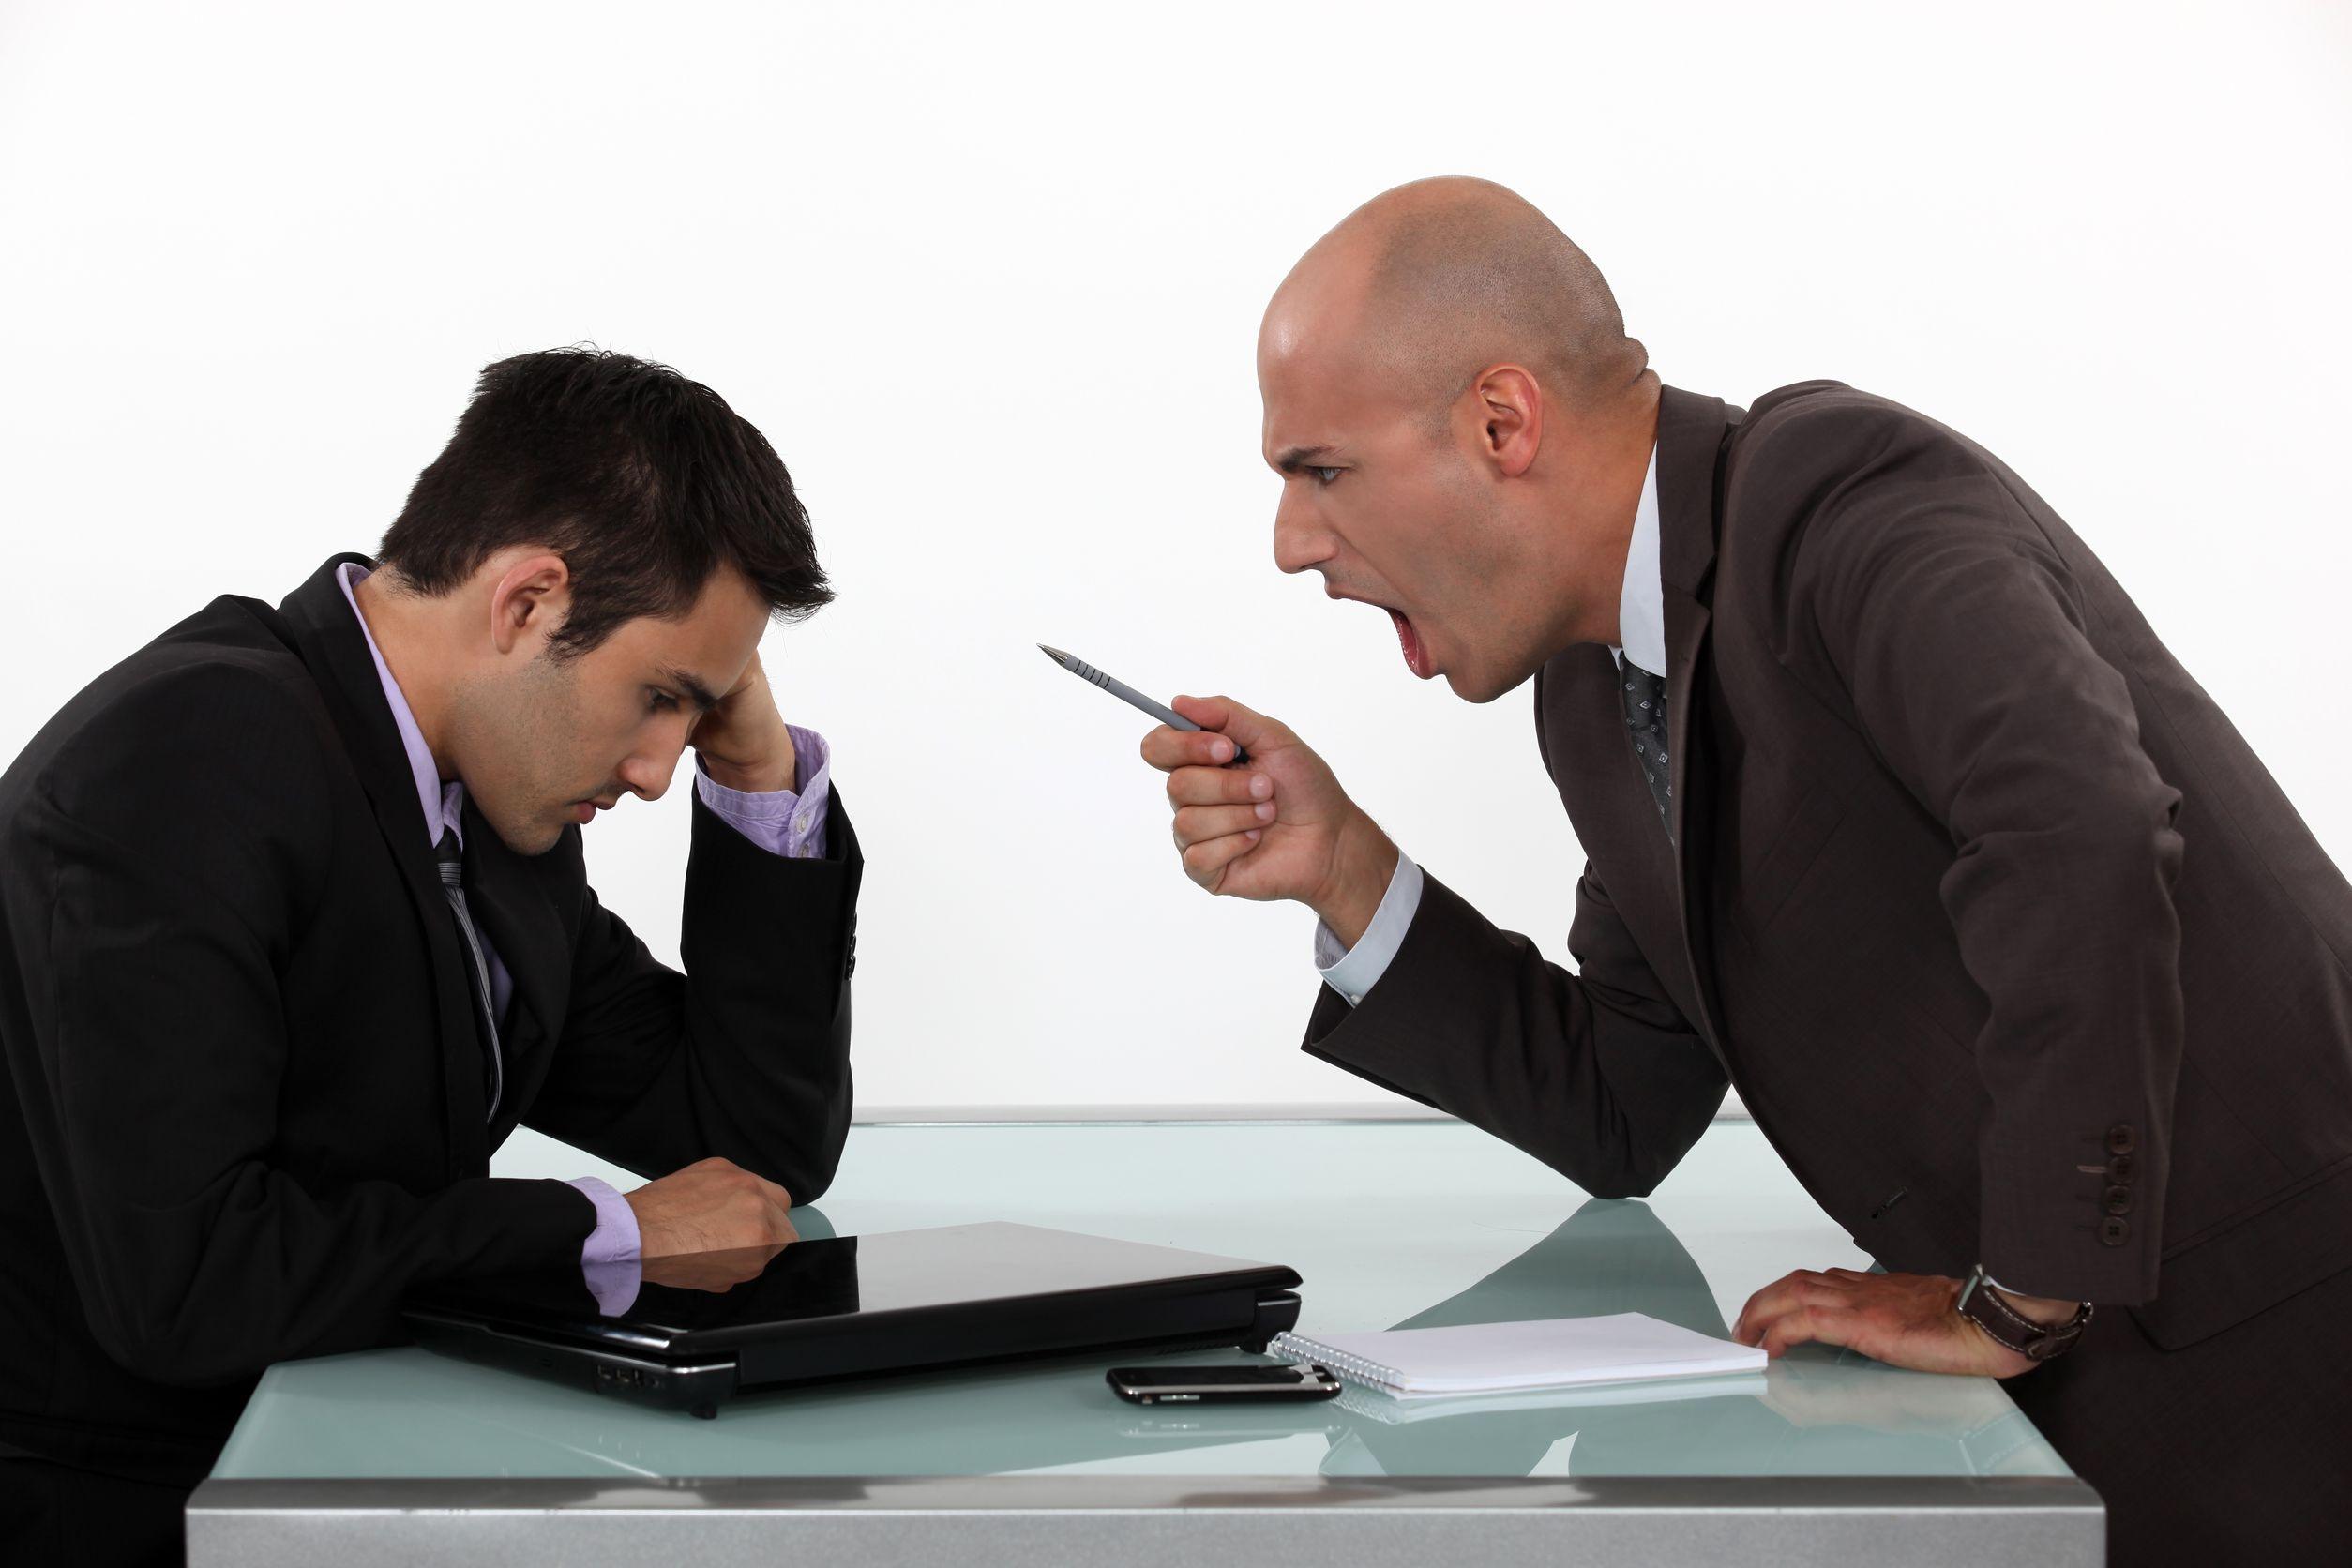 چگونه با همکارمان رابطه بهتری داشته باشیم؟